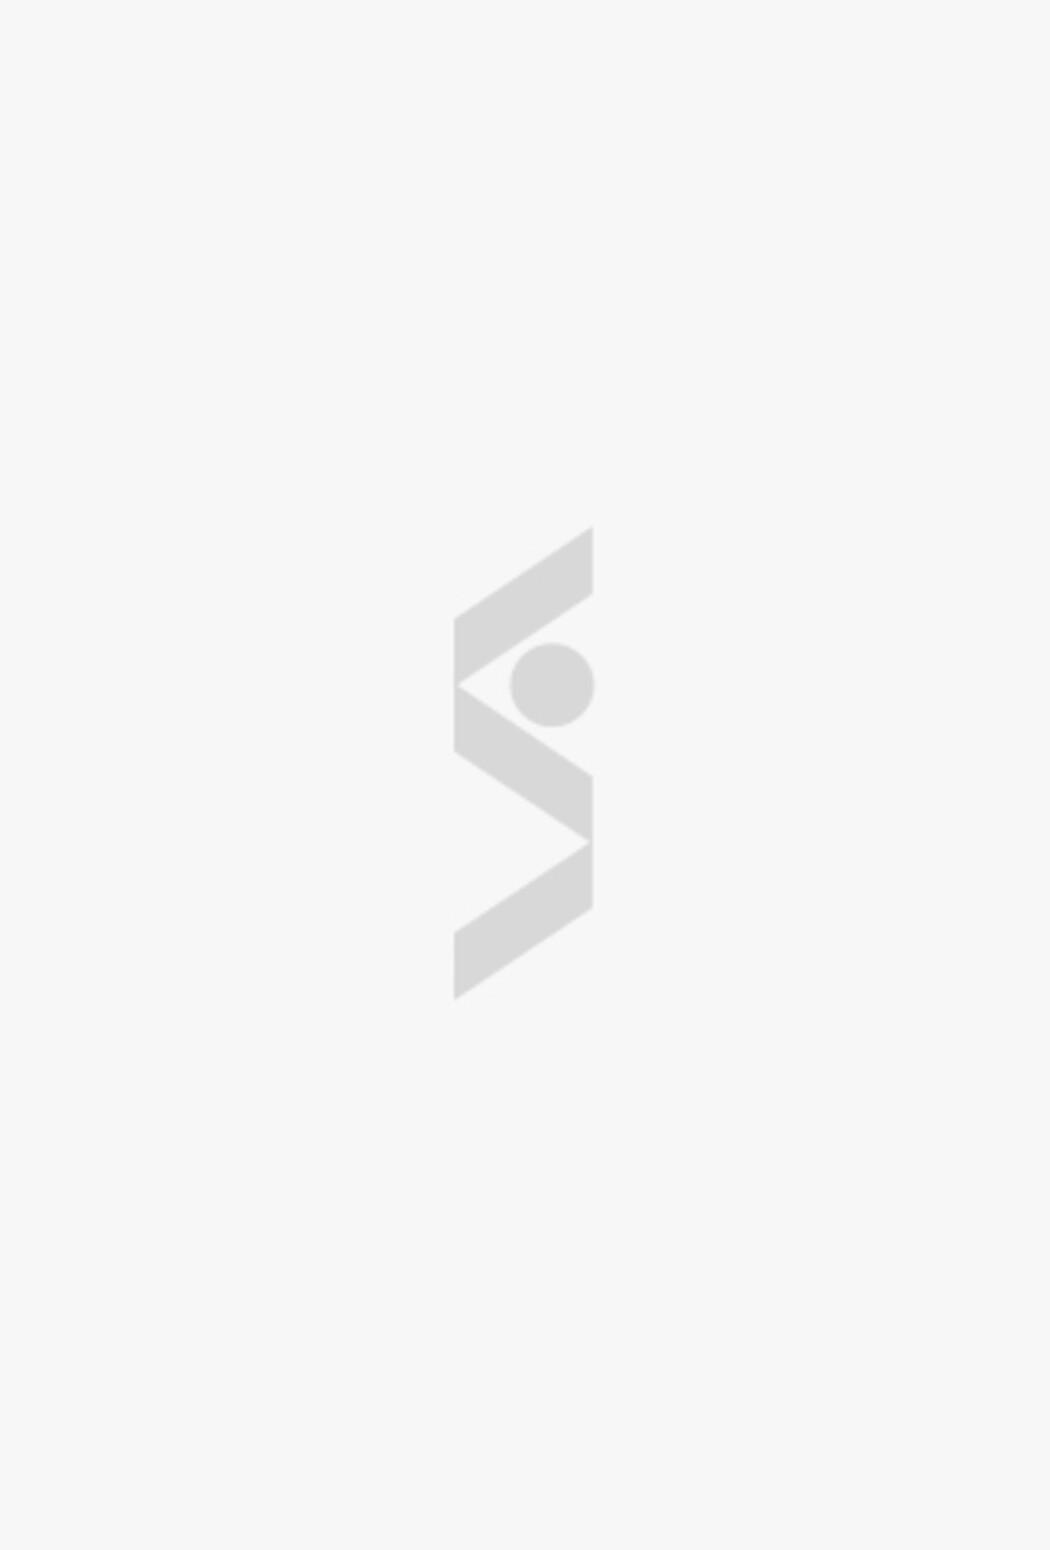 Кожаные полусапоги с шерстяной вставкой Geox - цена 8740 ₽ купить в интернет-магазине СТОКМАНН в Москве